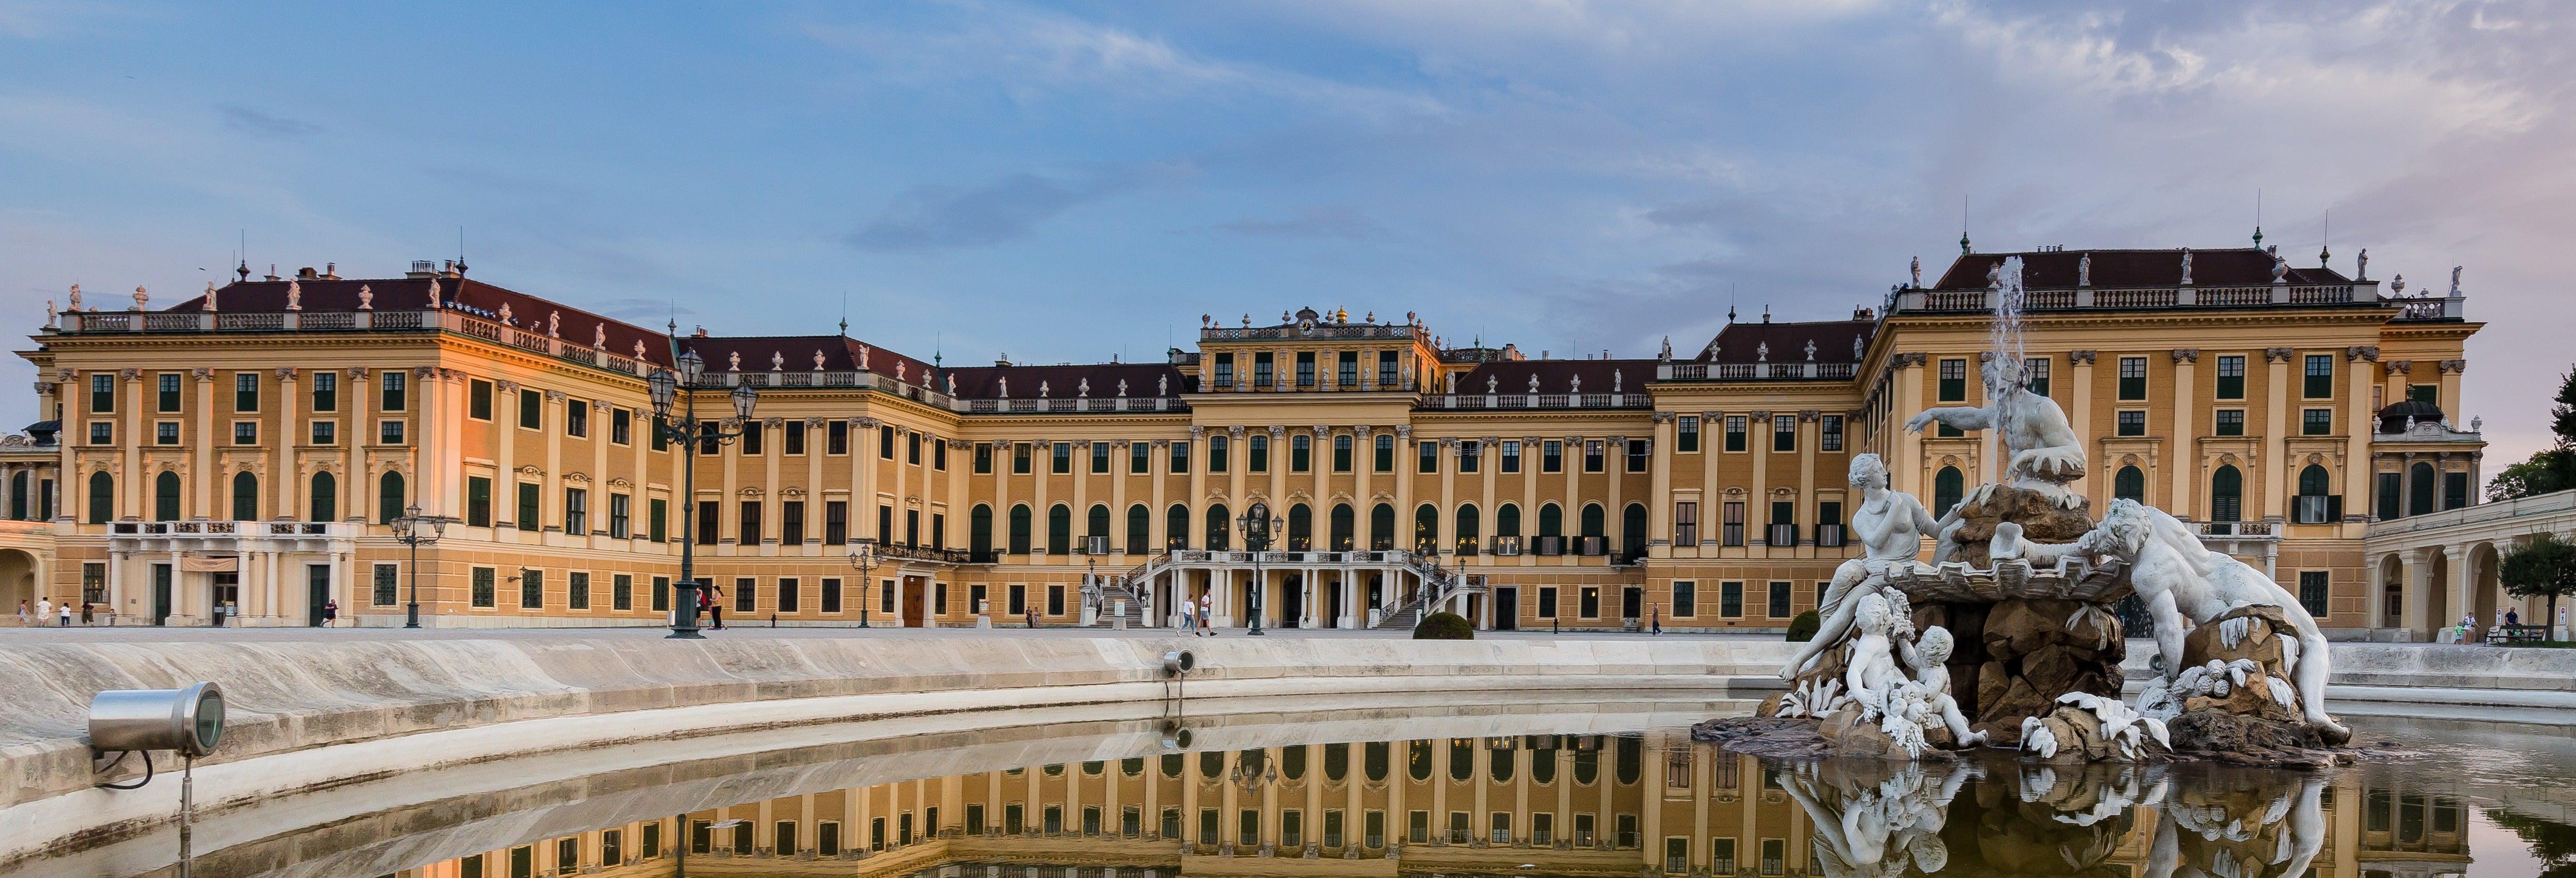 Tour por el Palacio Schönbrunn y la Cripta Imperial